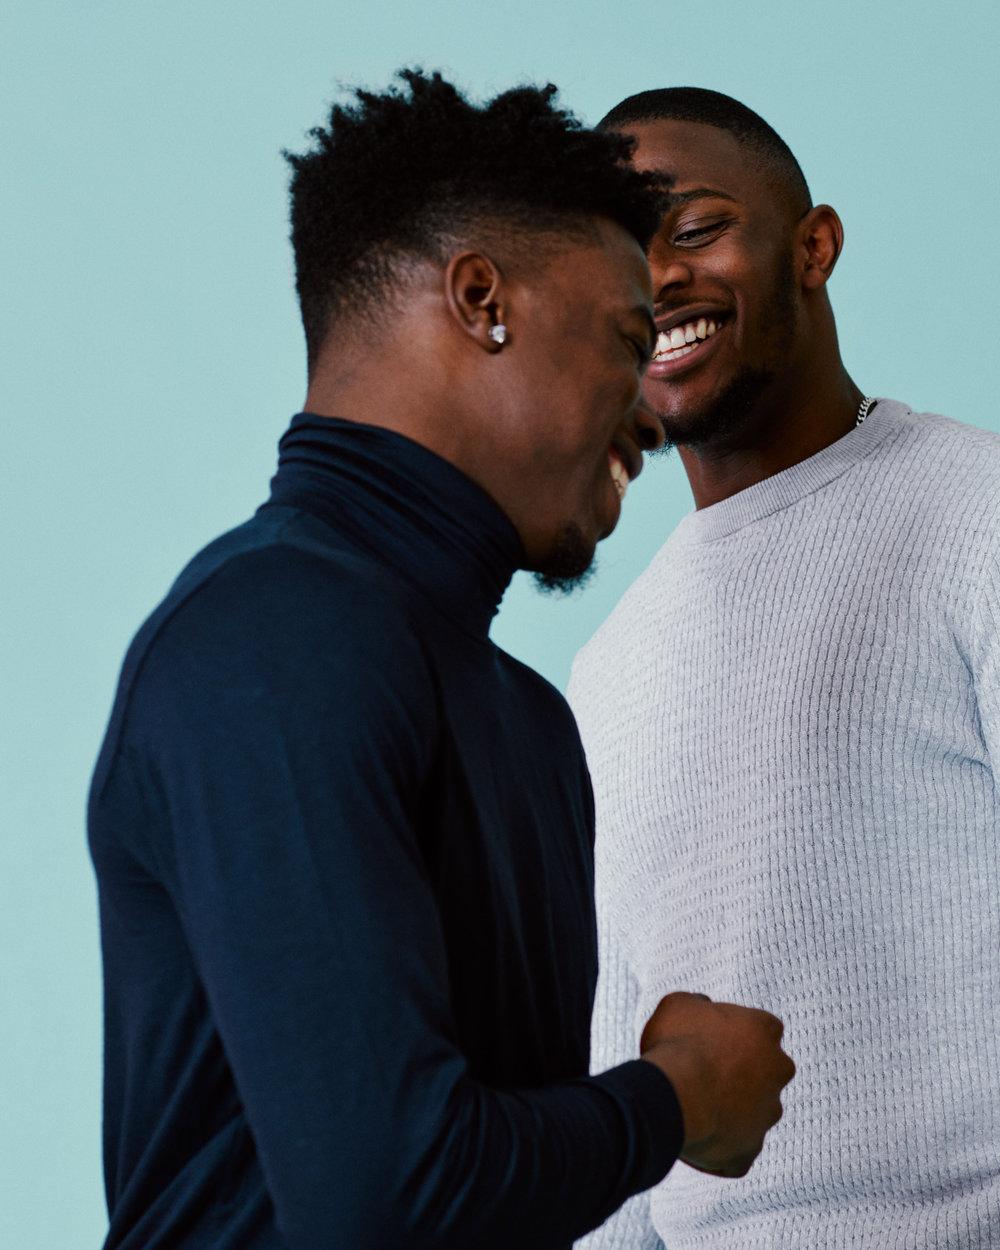 london portrait photographer Tim Cole shoots two men laughing